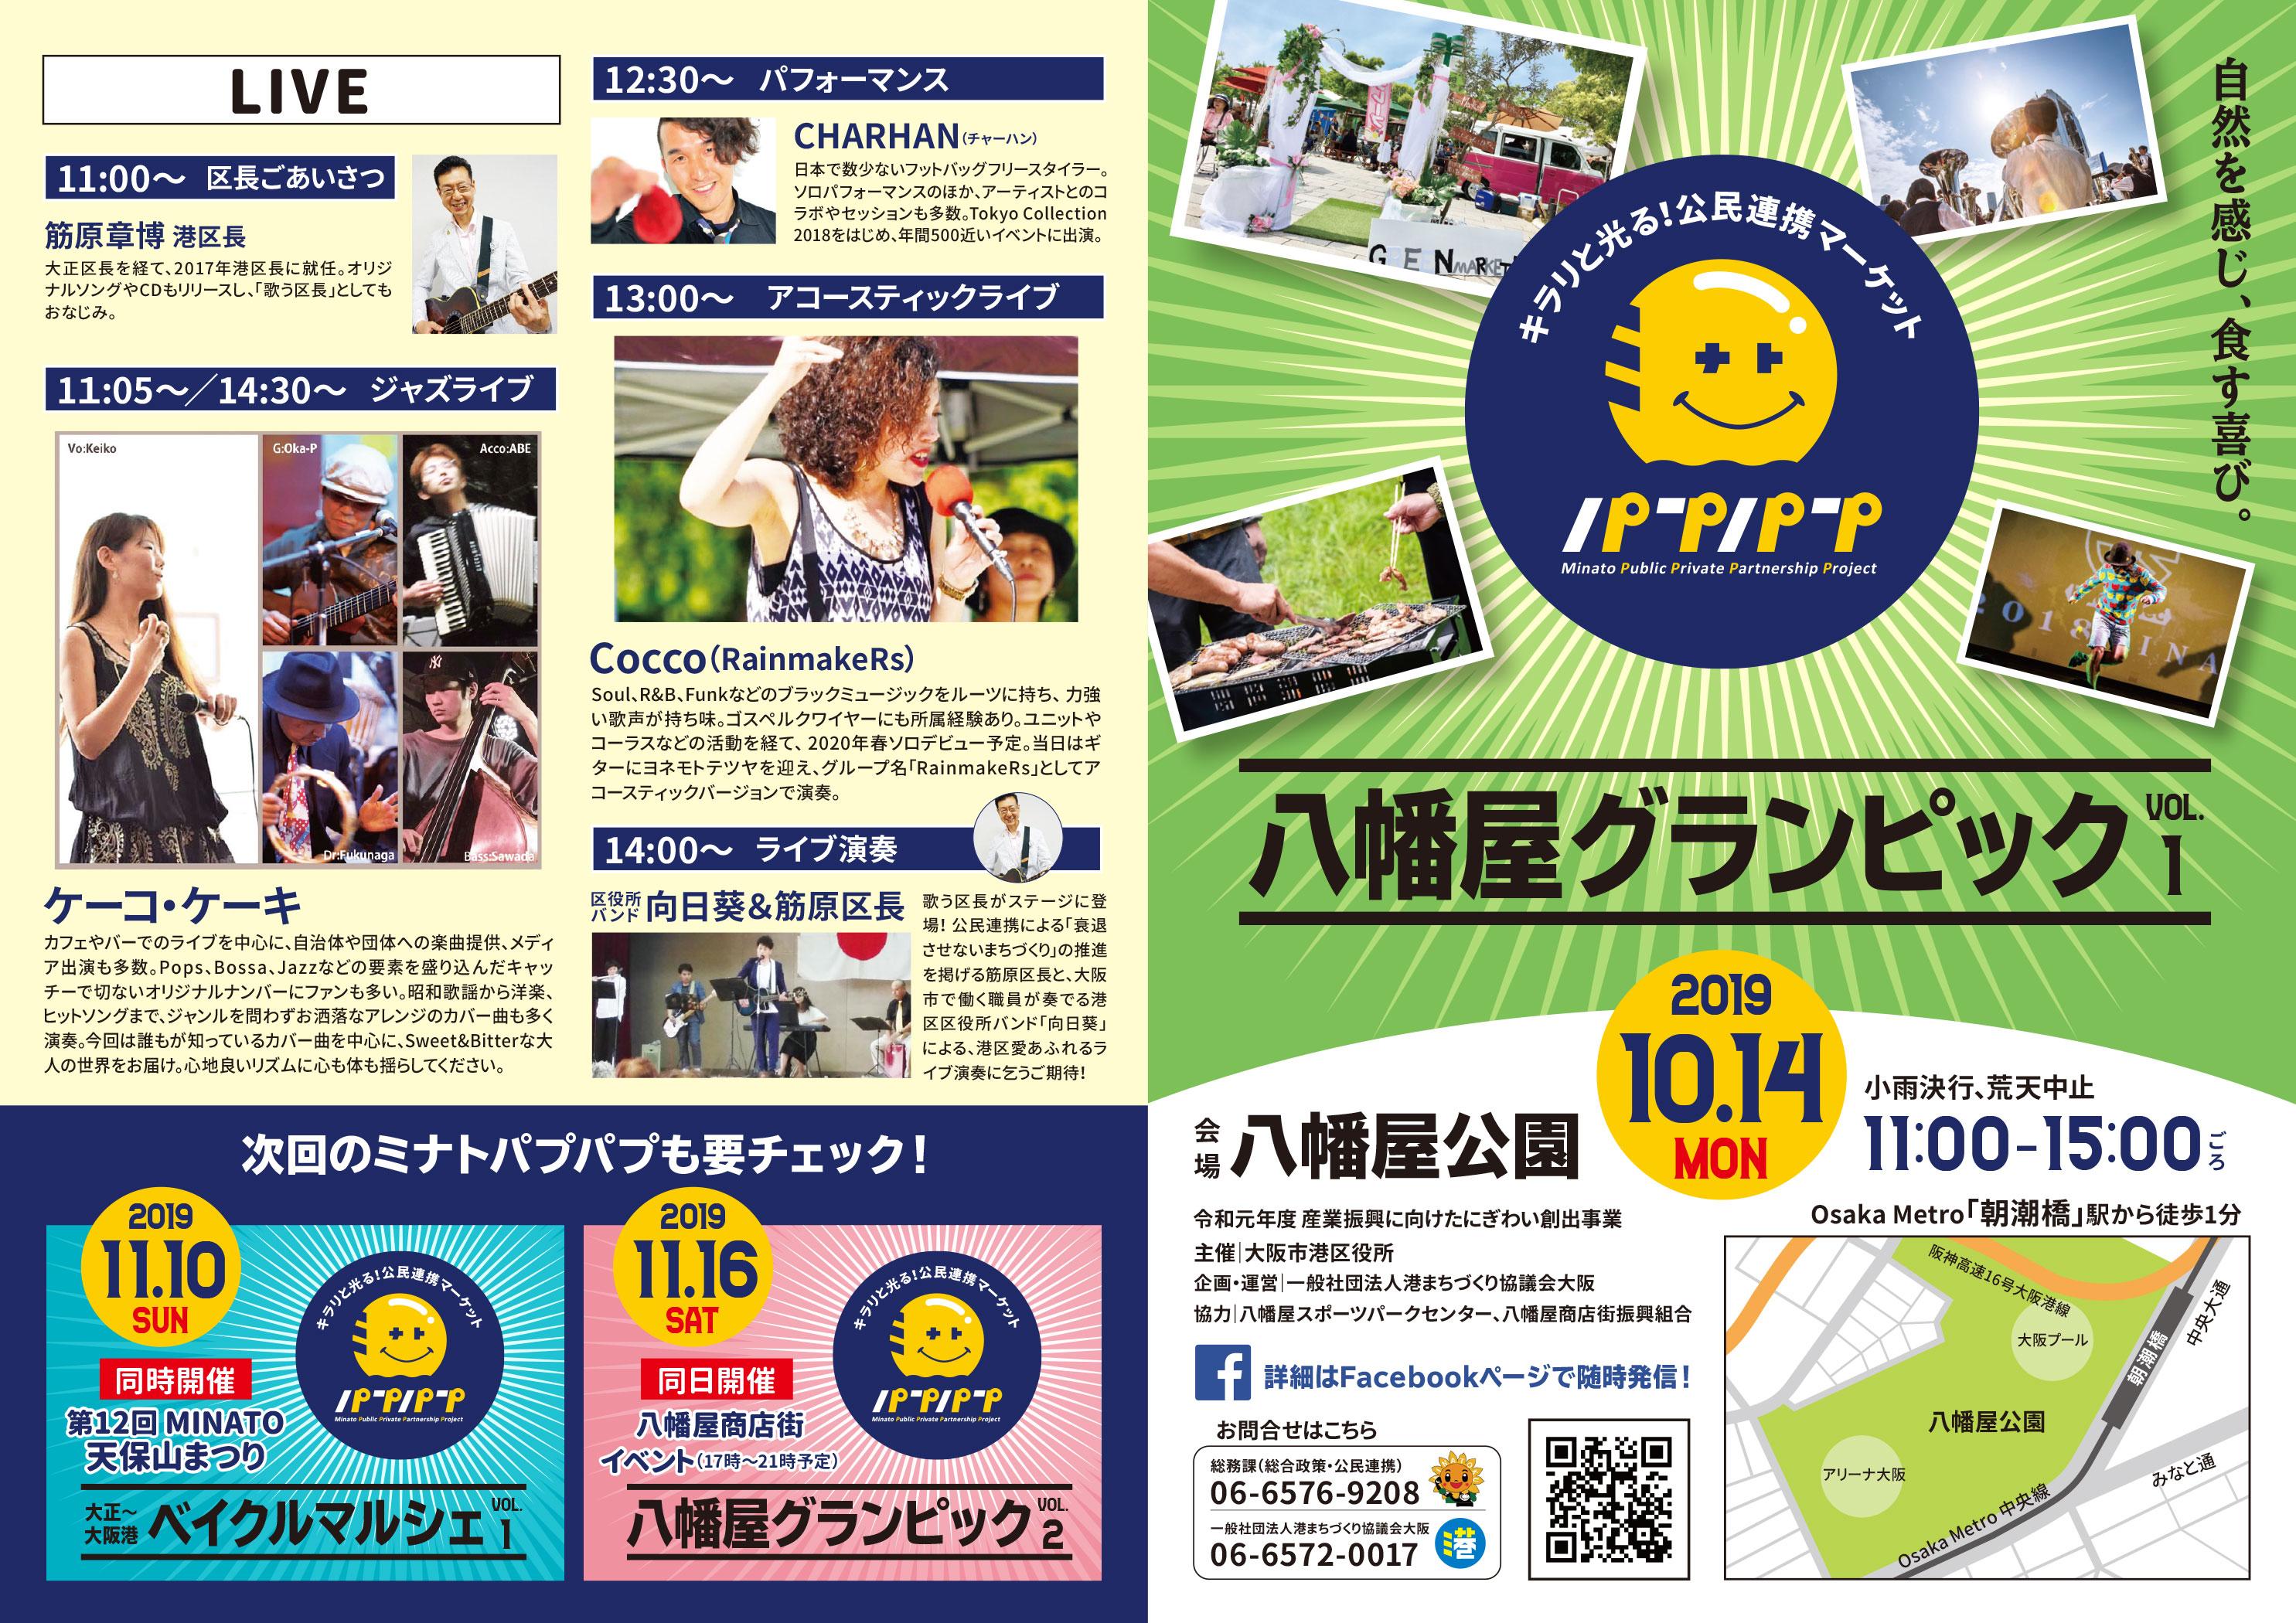 ミナトパプパプ「八幡屋グランピックvol.1」大阪市港区 公民連携マーケット